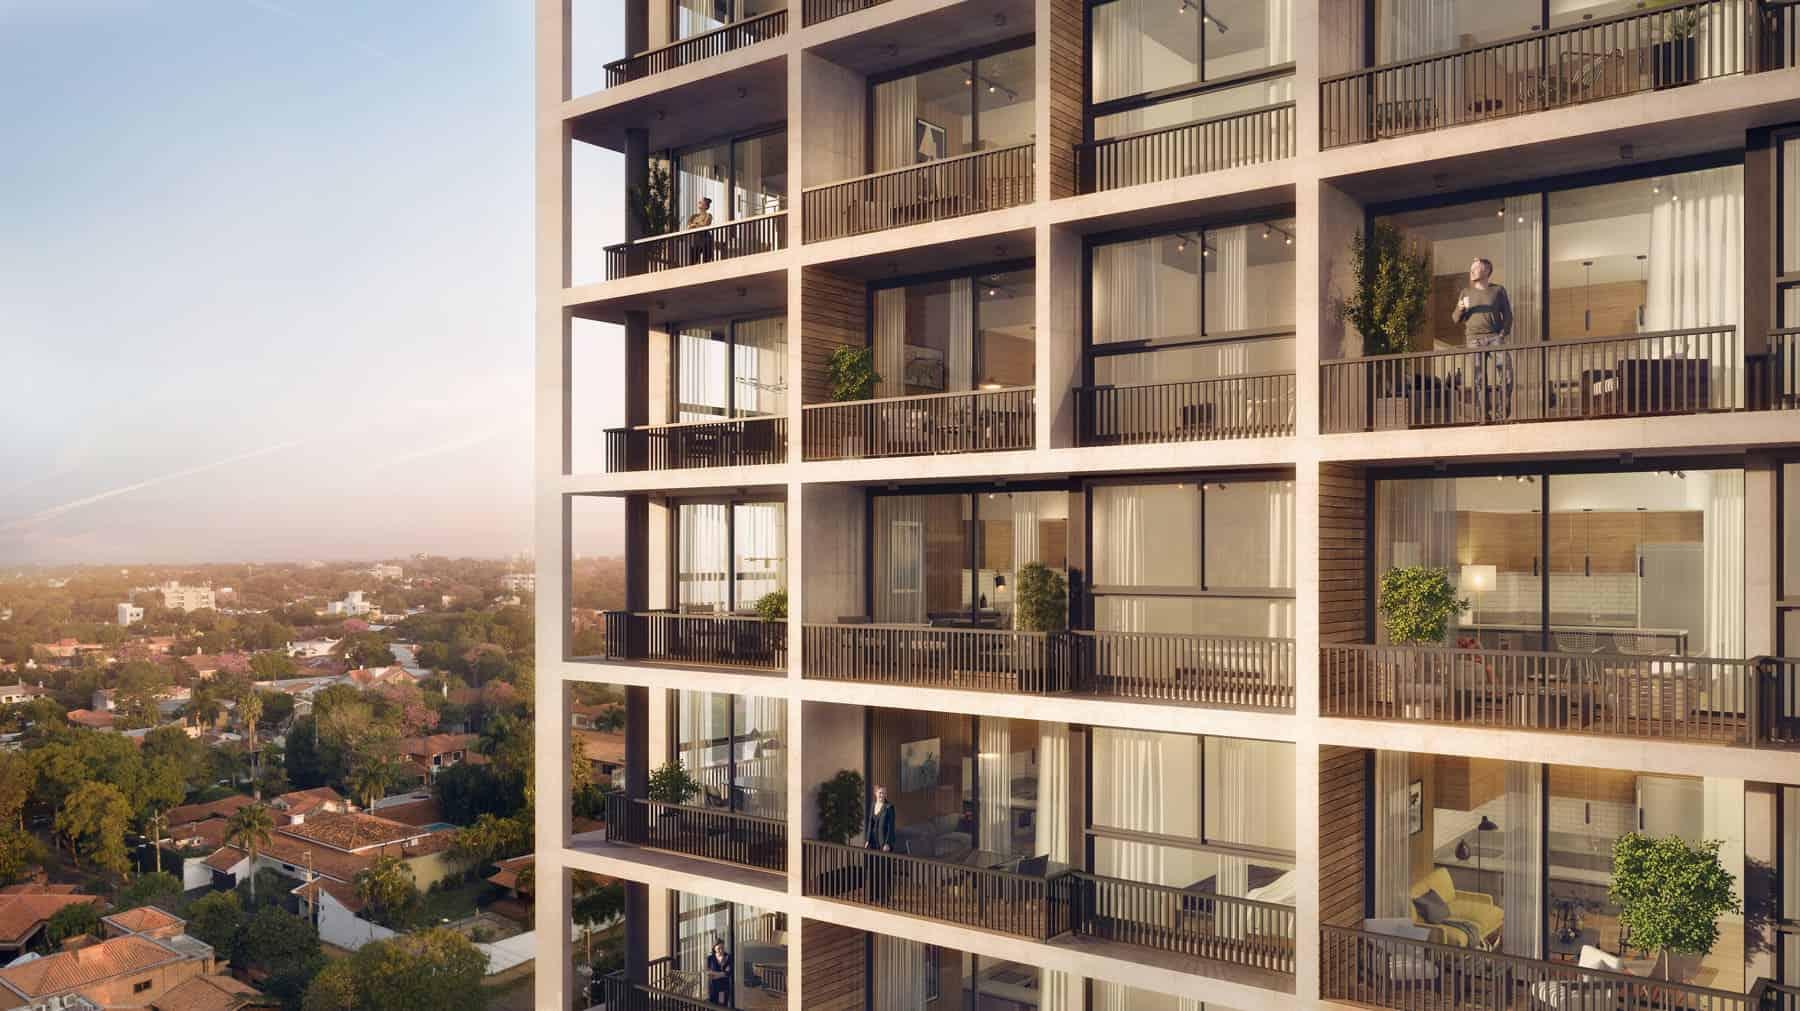 ¿Cómo saber qué rentabilidad me dará mi inversión inmobiliaria?